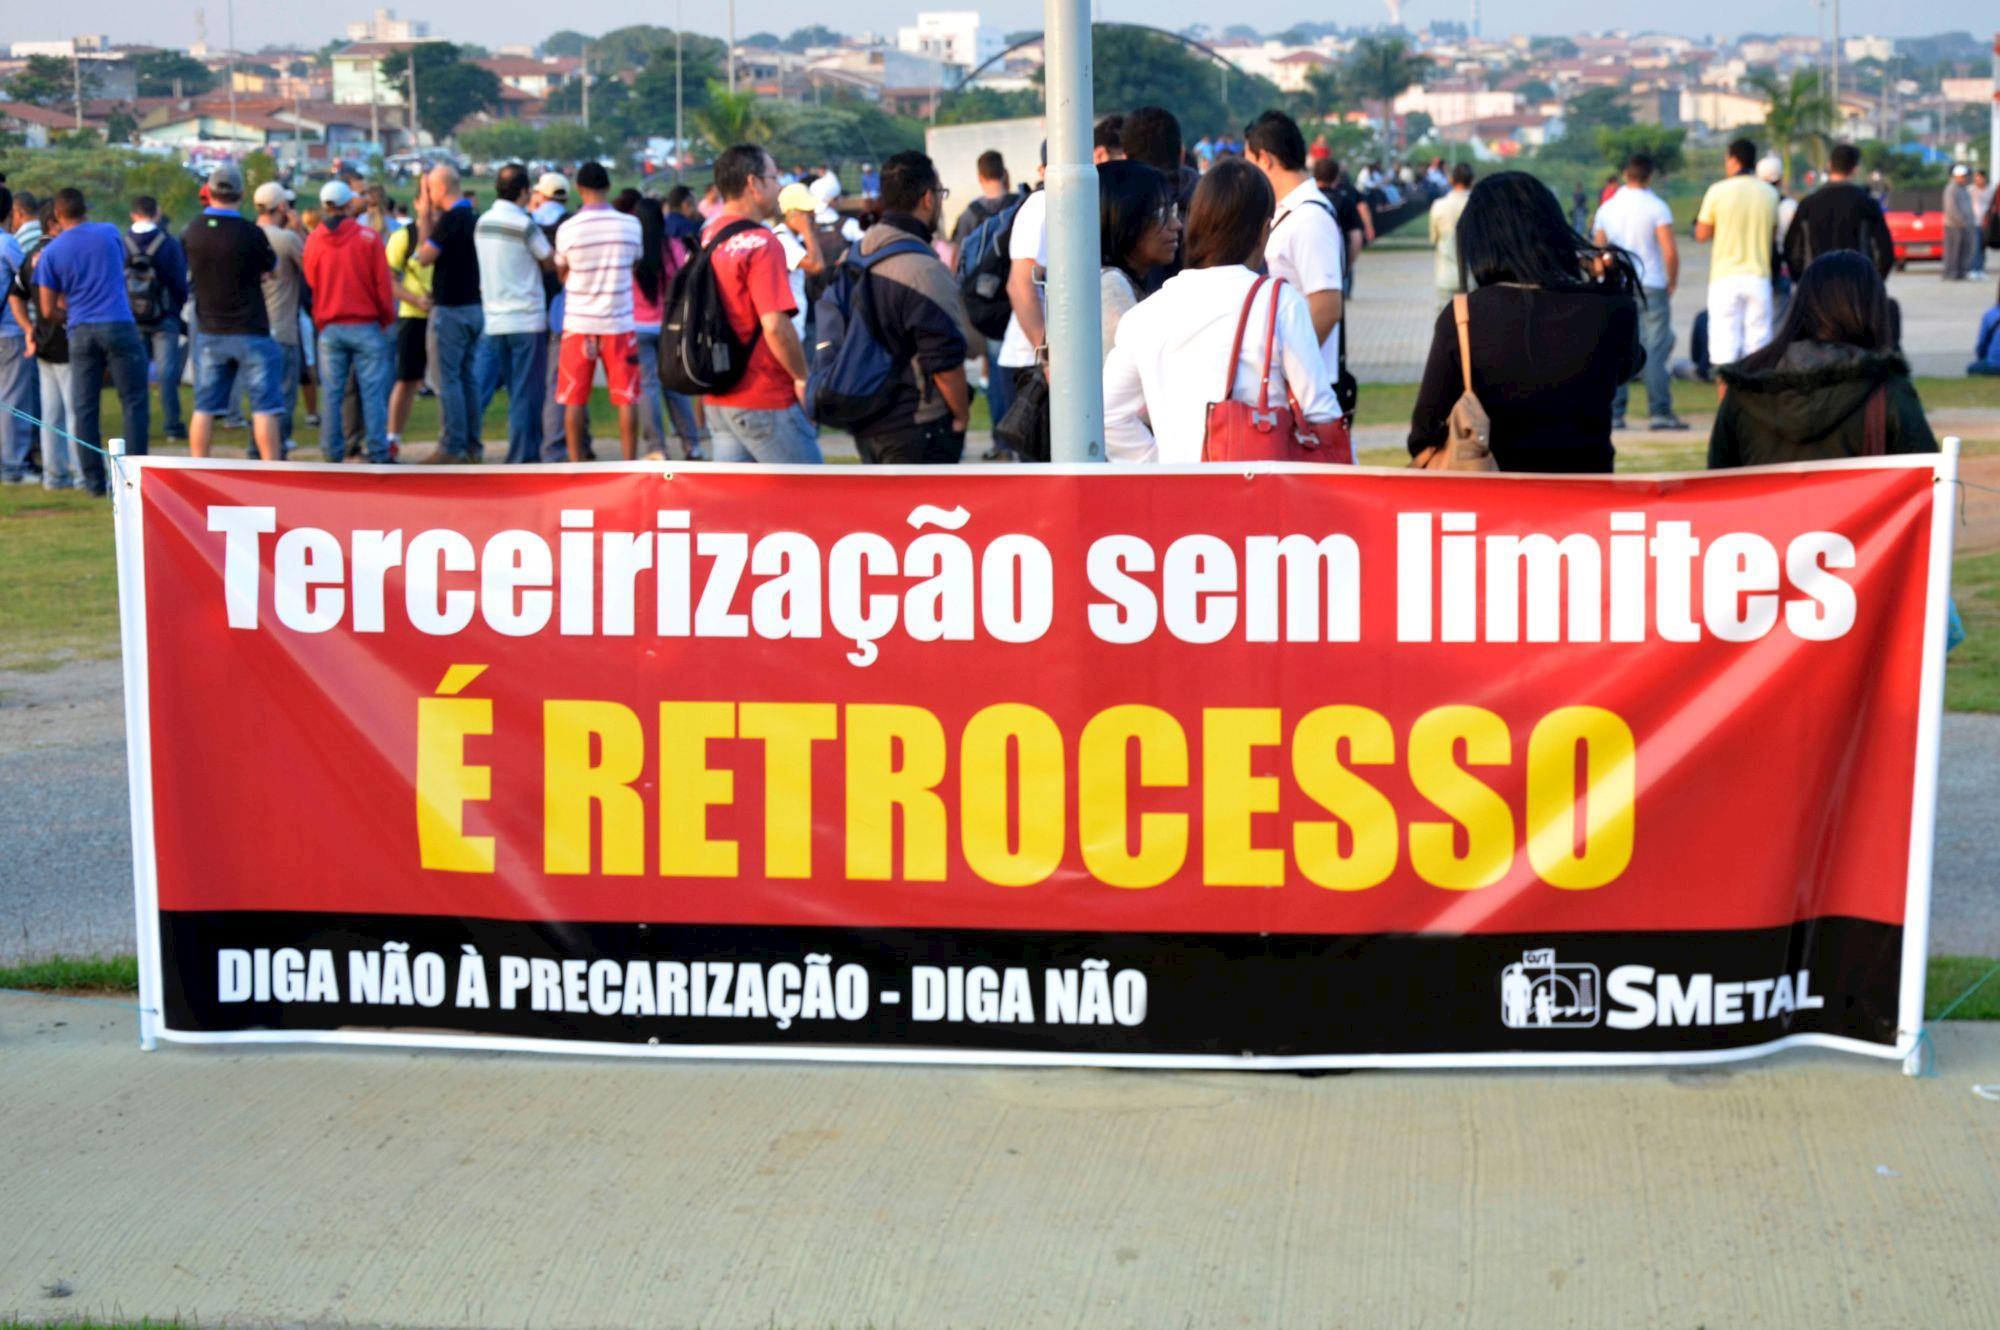 SMetal, Foguinho / Imprensa SMetal